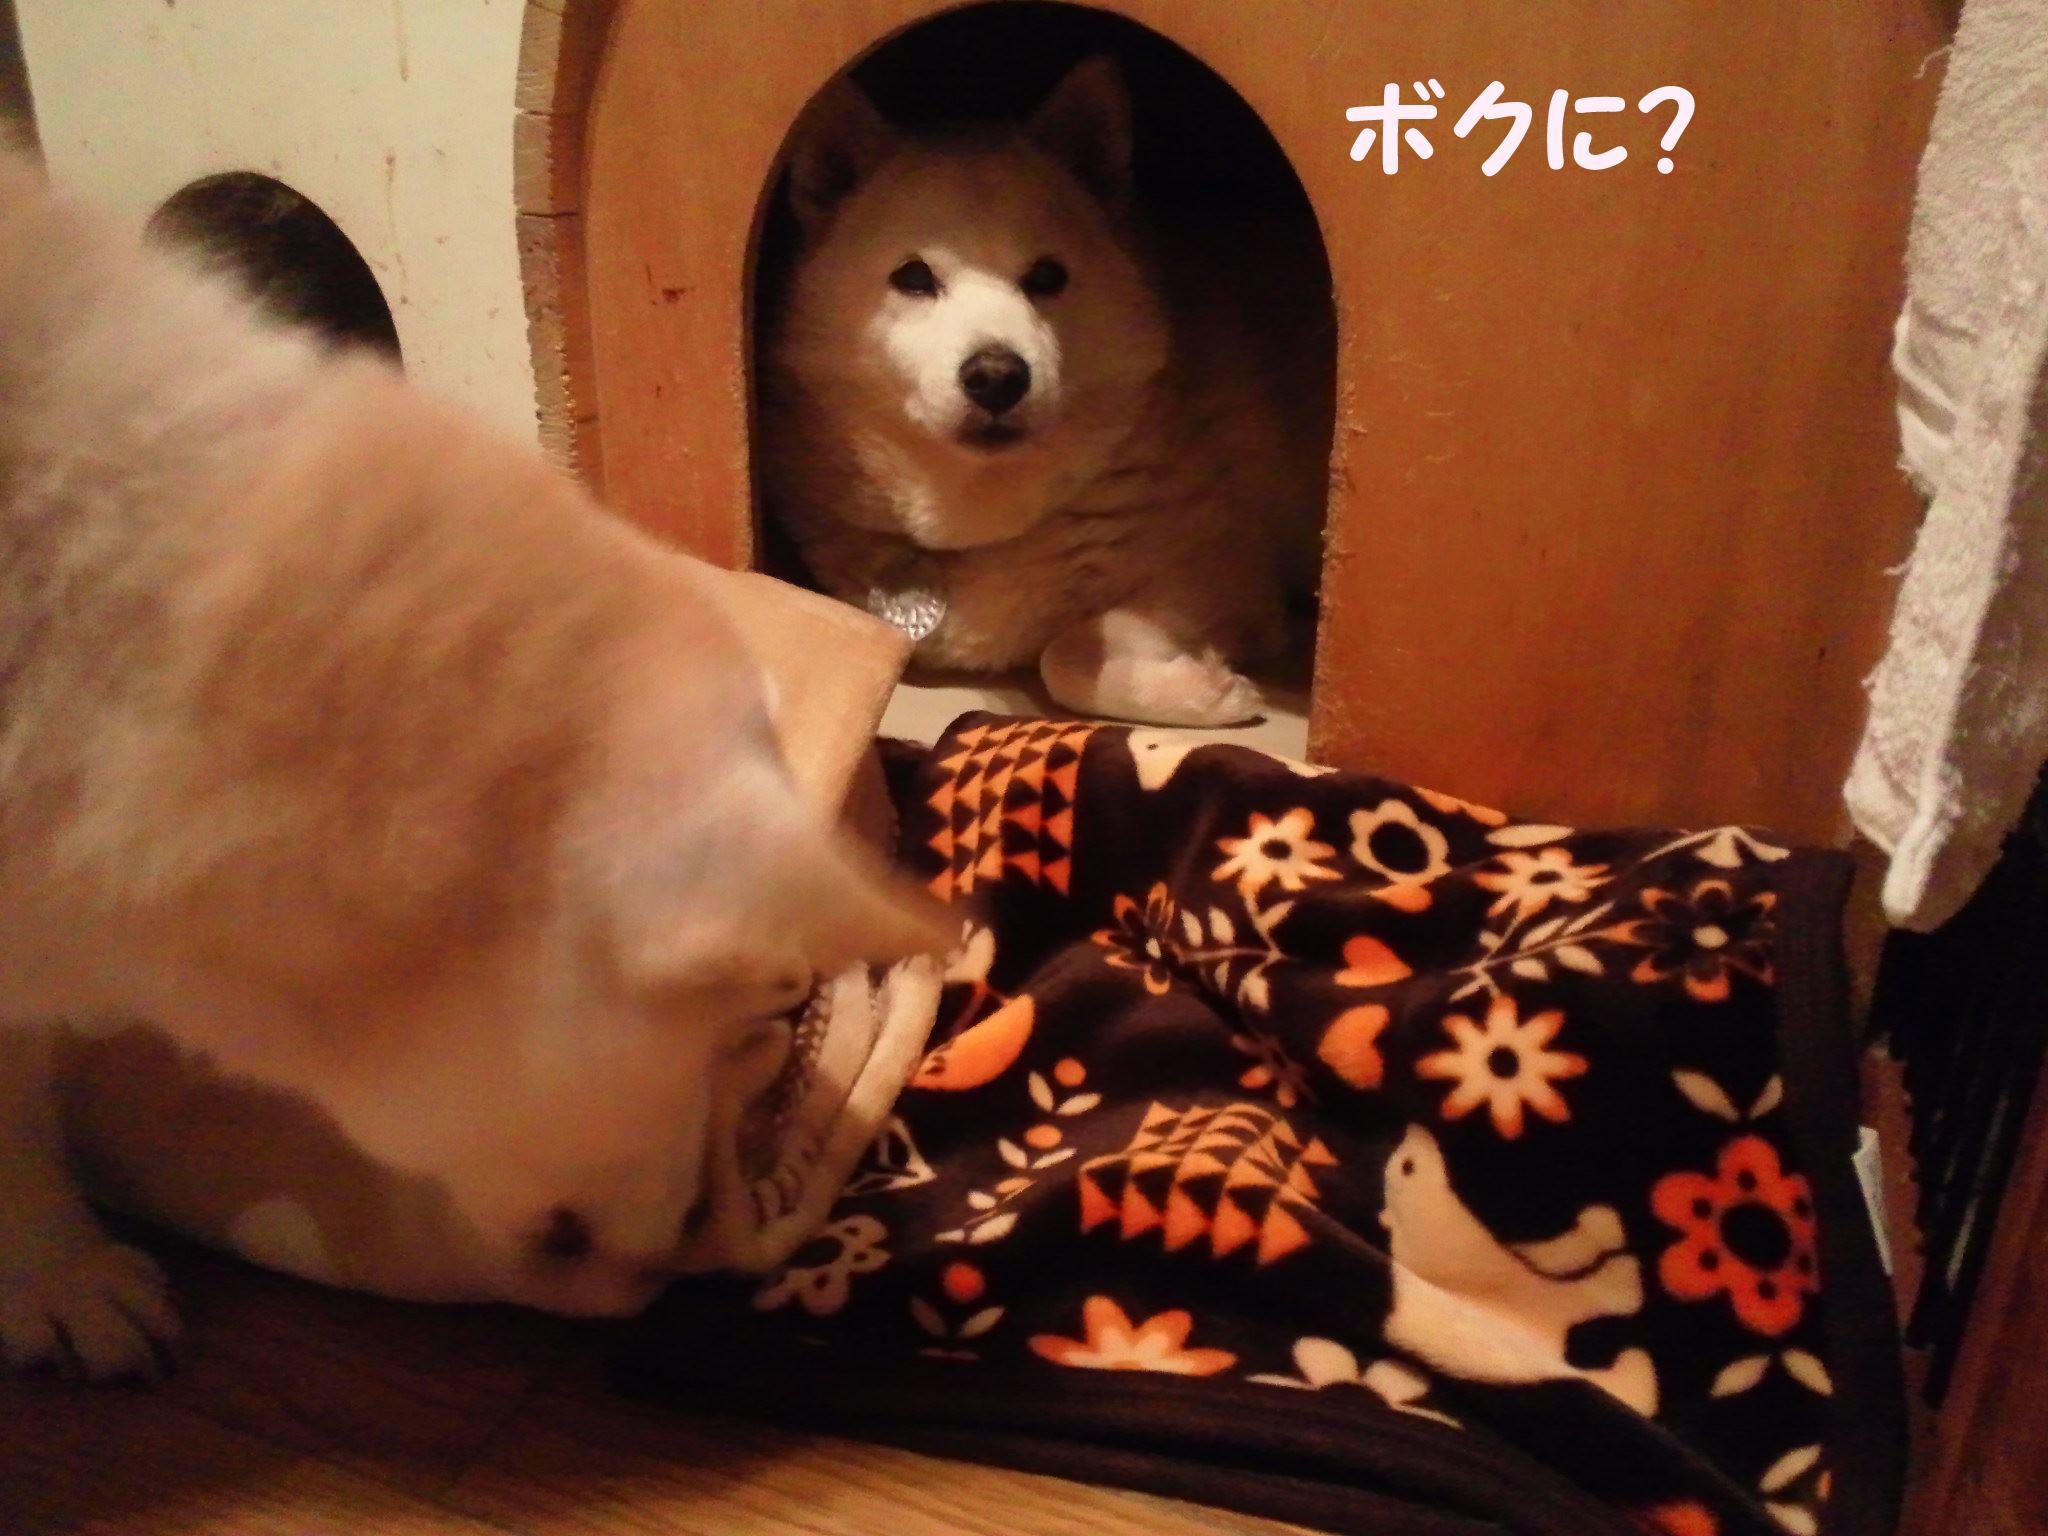 プレゼント for こしろう!_f0242002_1815895.jpg